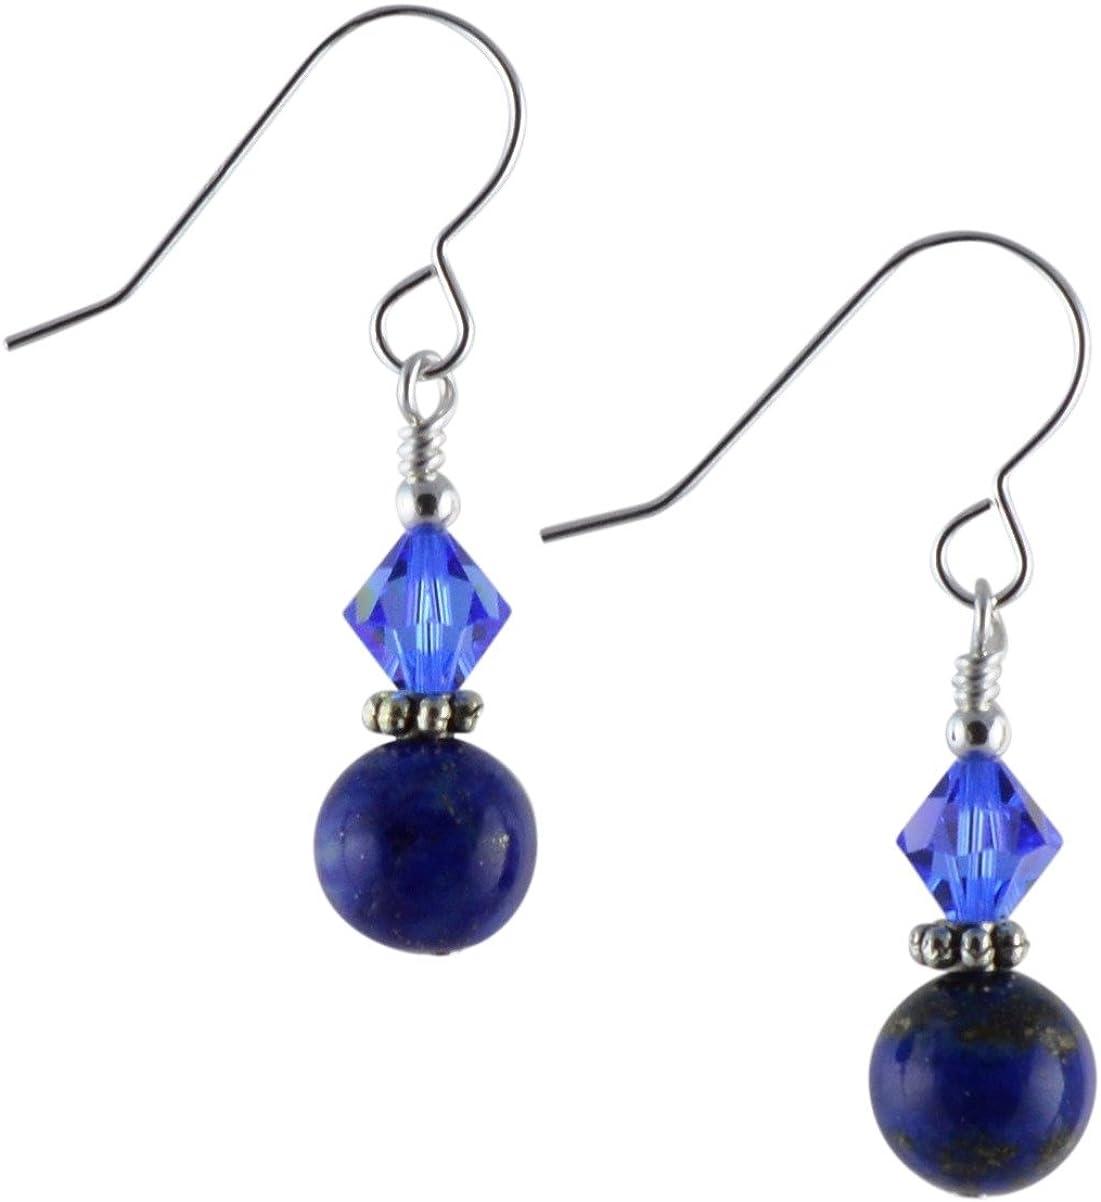 Lapislázuli Gemstone, cristal azul Swarovski y pendientes de gota de plata de ley con caja de regalo